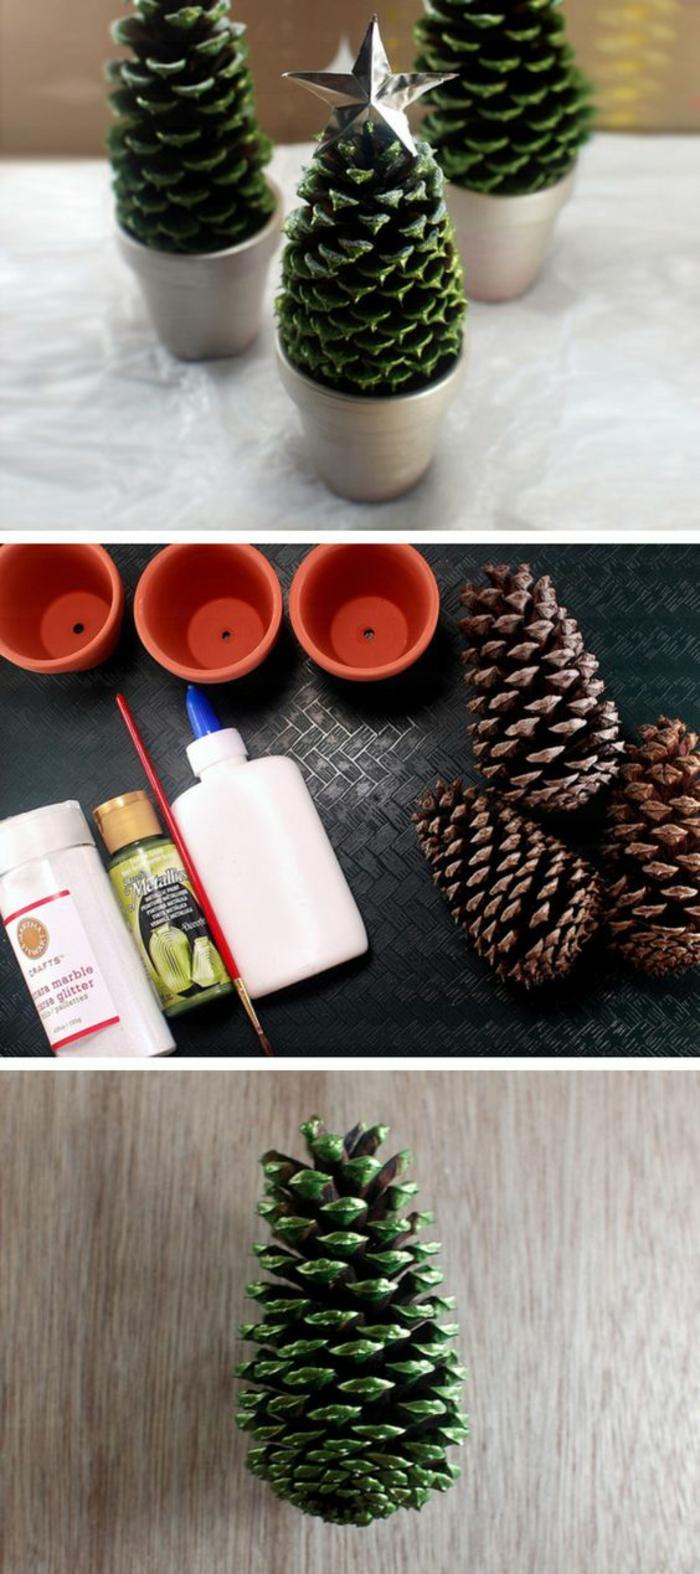 décoration de noel à faire soi même avec trois pomme de pin, peintes avec de la peinture vert métallique, avec des étoiles argentées au sommet, mis dans trois pots en céramique terre cuite